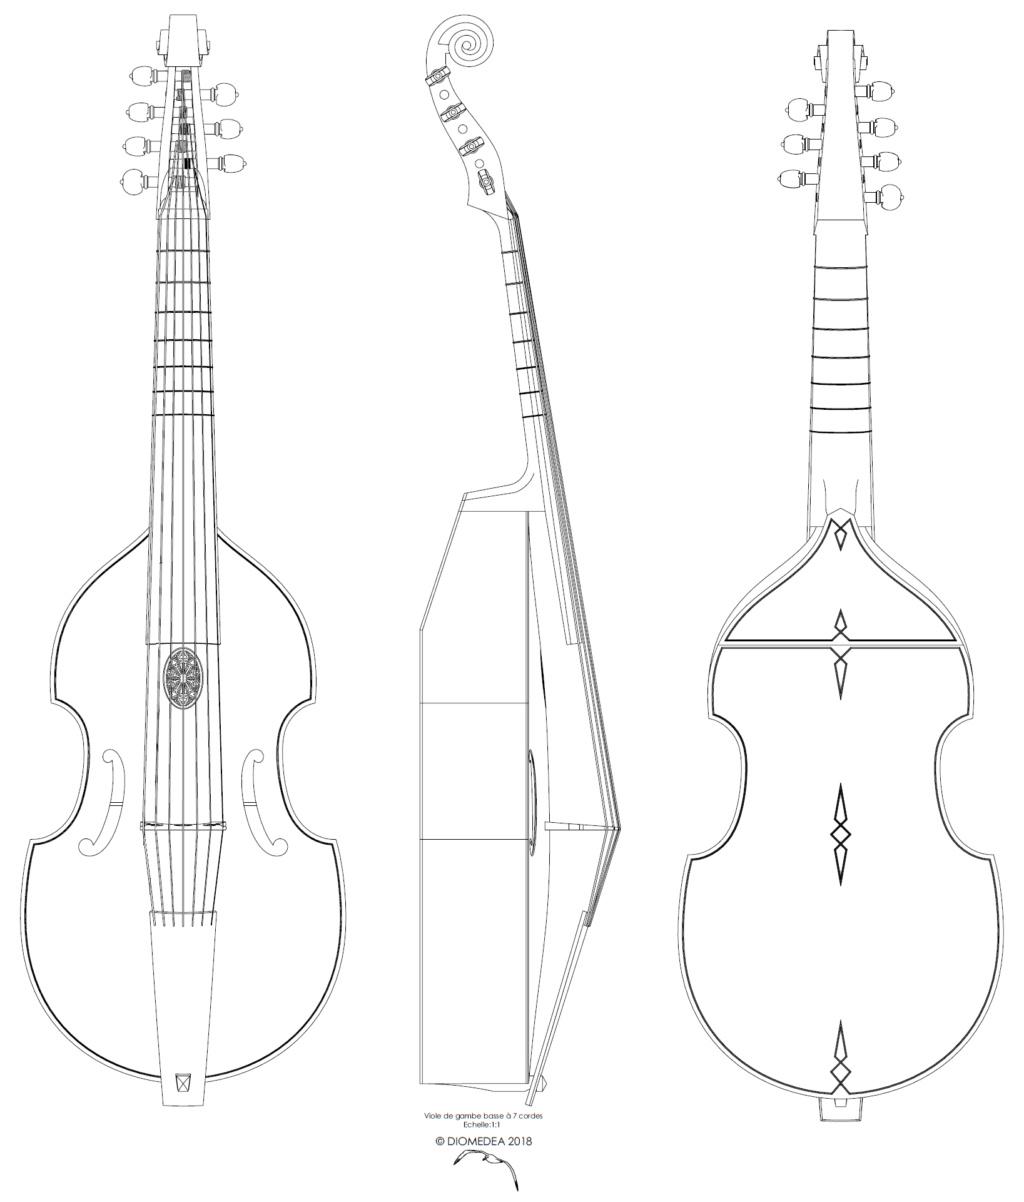 [Lutherie] Viole de gambe à 7 cordes. Sans_t13